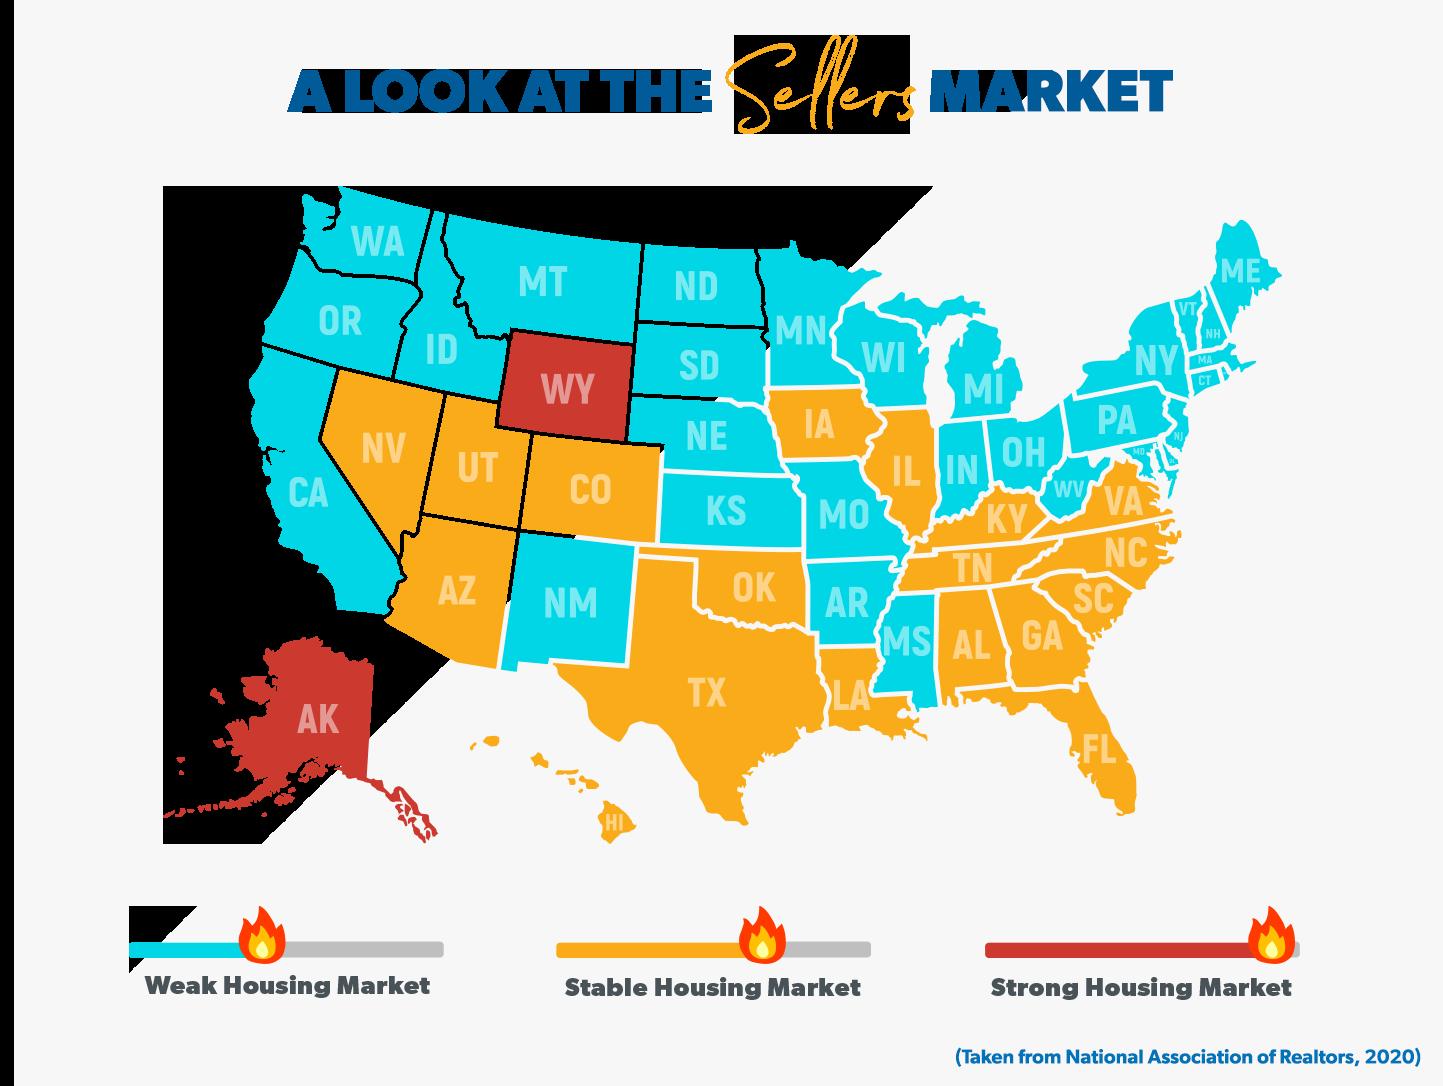 Christmas Markets Usa 2020 Map 2020 Housing Market Forecast: What to Expect | DaveRamsey.com